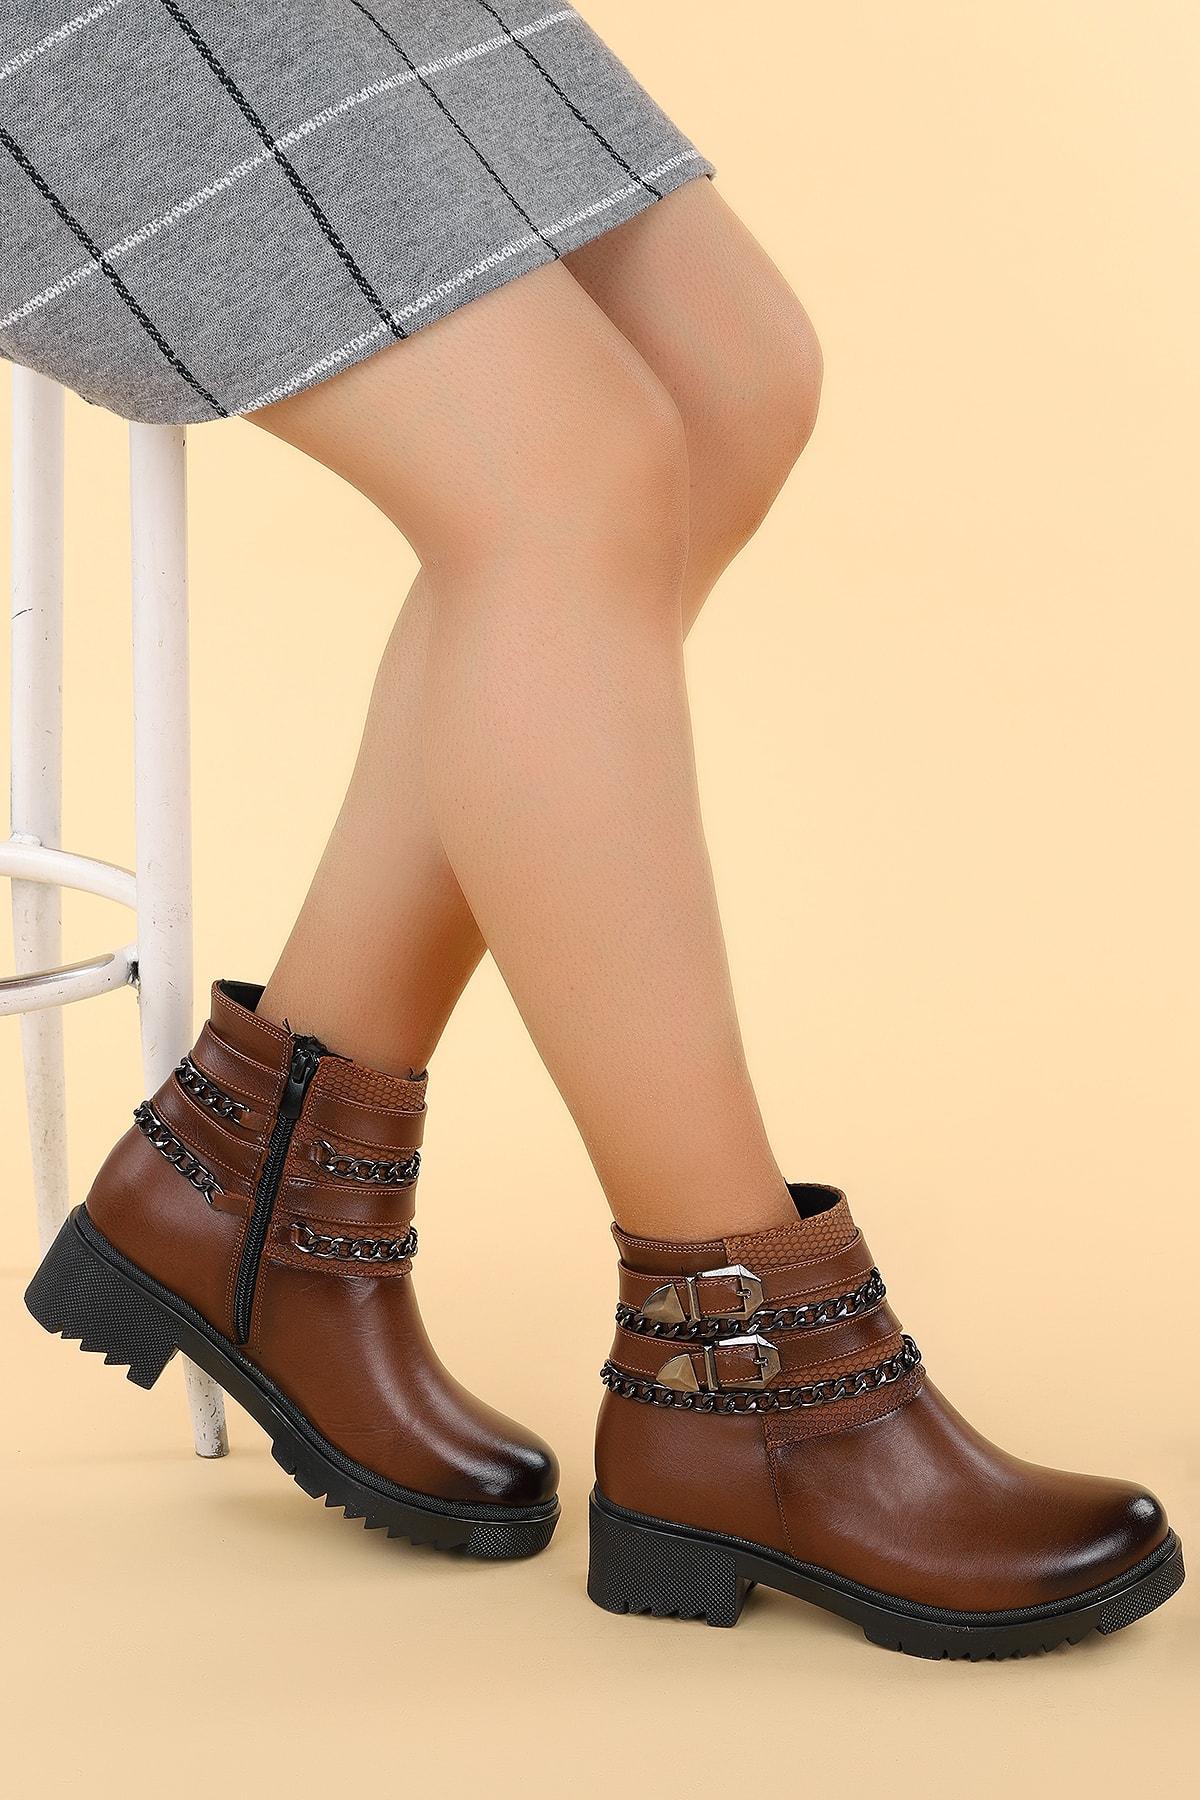 Ayakland Kadın Kahverengi Cilt Termo Taban Bot N1983-5005 1